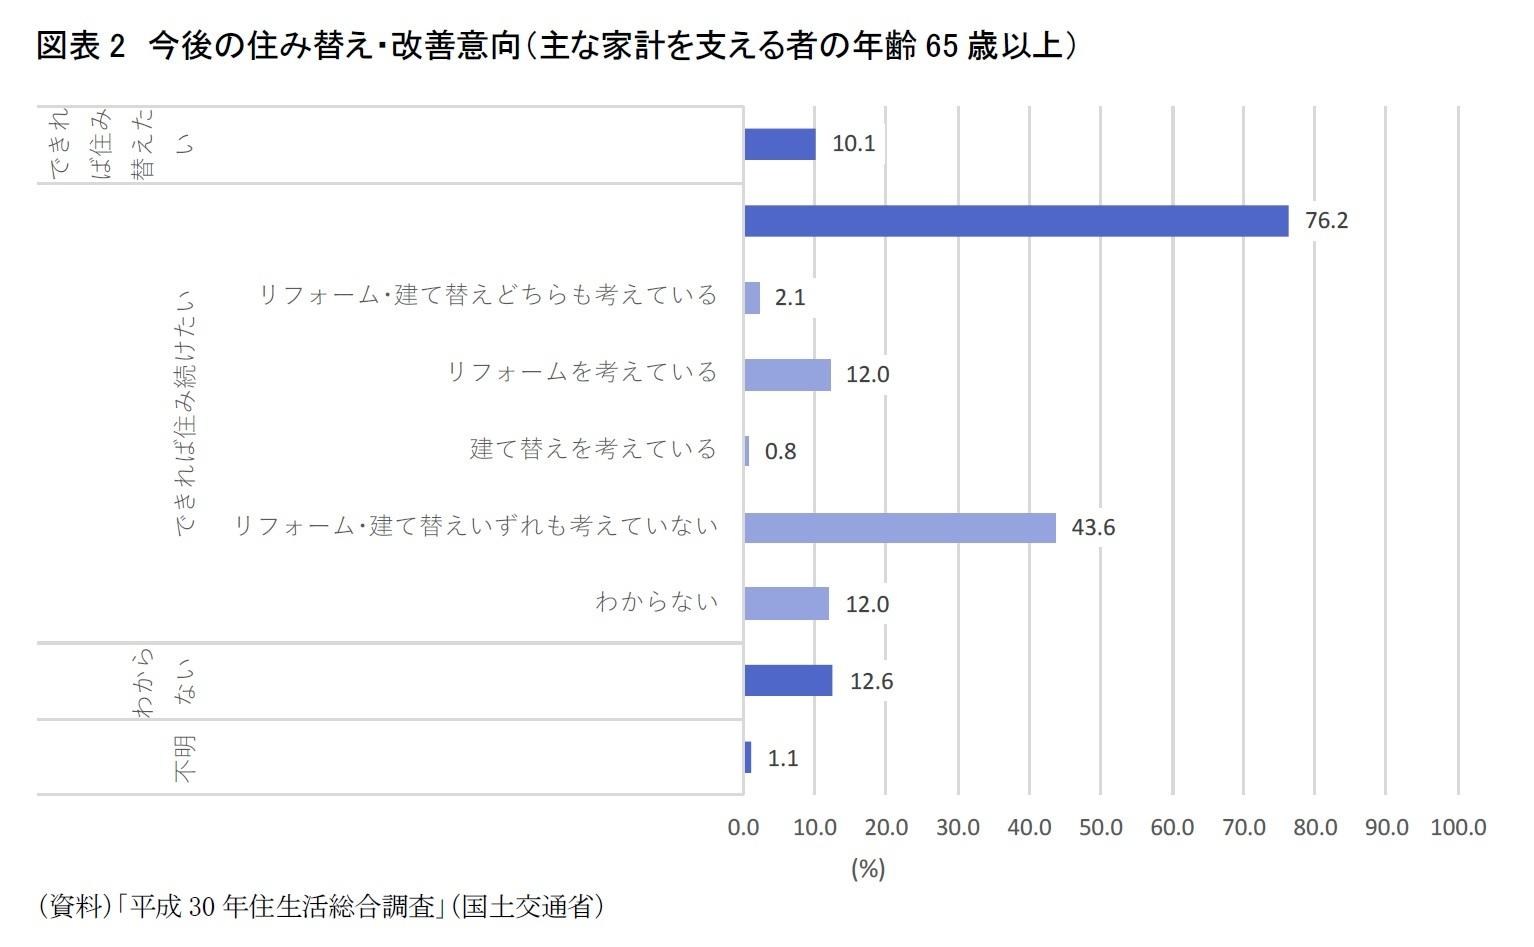 図表2 今後の住み替え・改善意向(主な家計を支える者の年齢65歳以上)